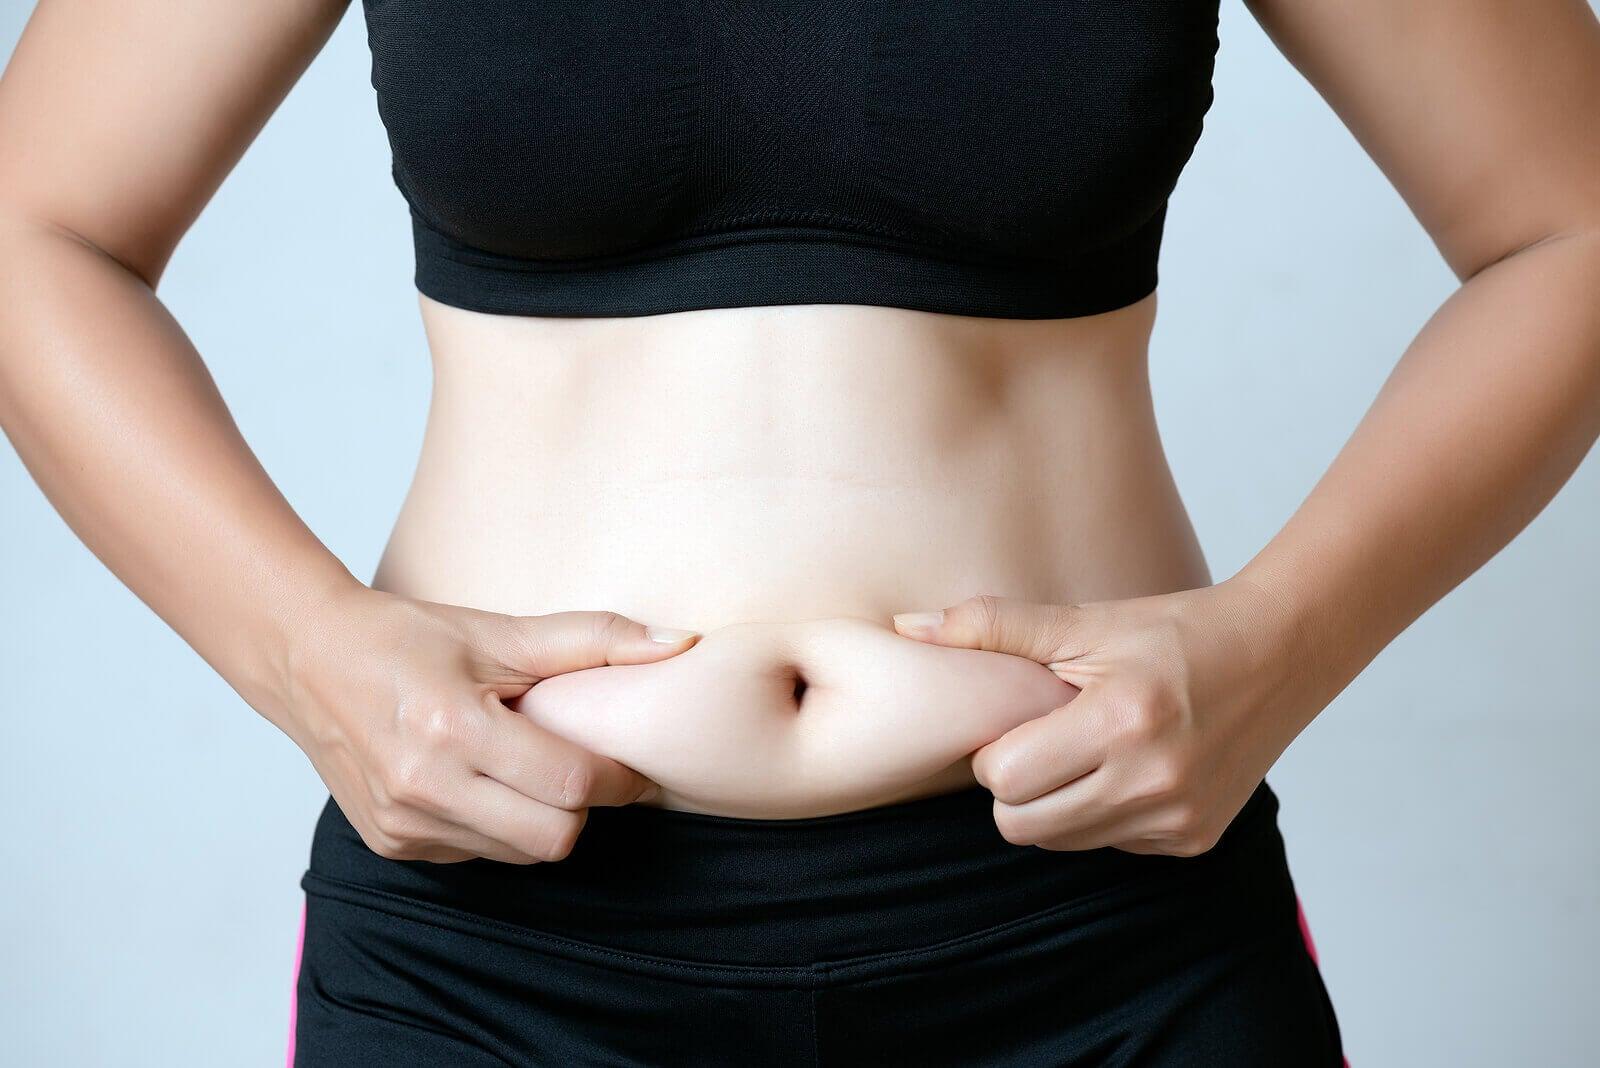 8 sencillos tips para eliminar la flacidez en poco tiempo - Mejor con Salud